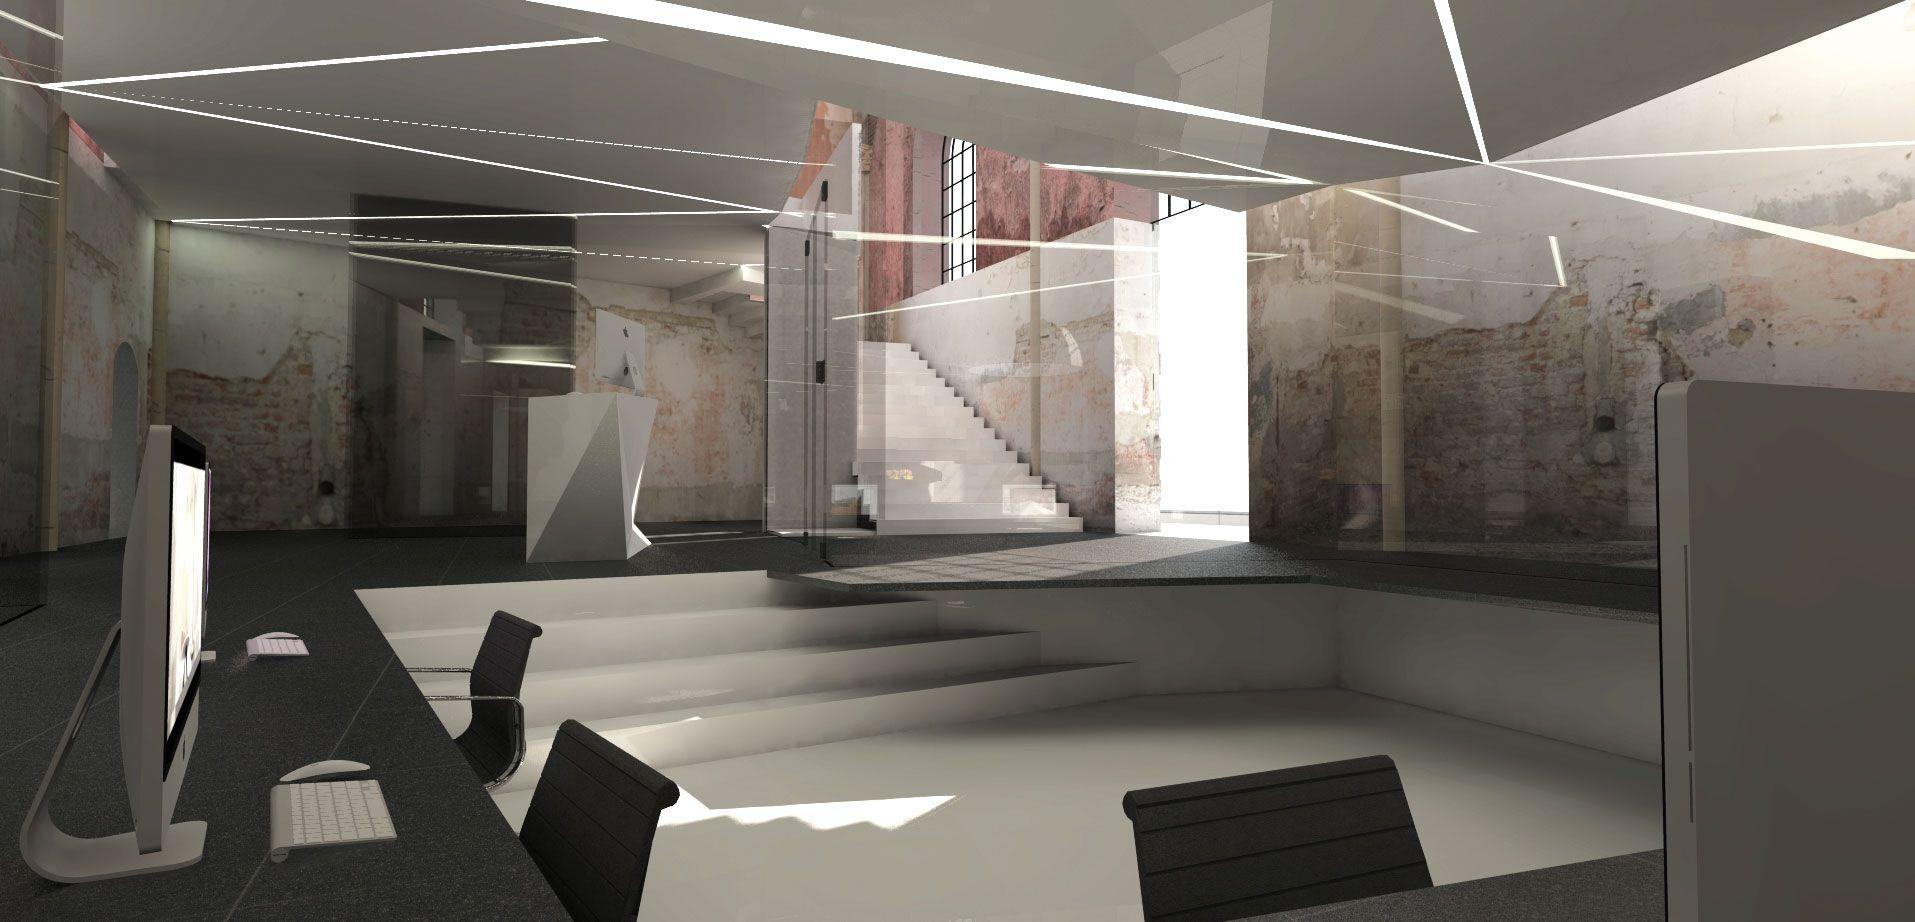 Klaarchitectuur - www.klaarchitectuur.be